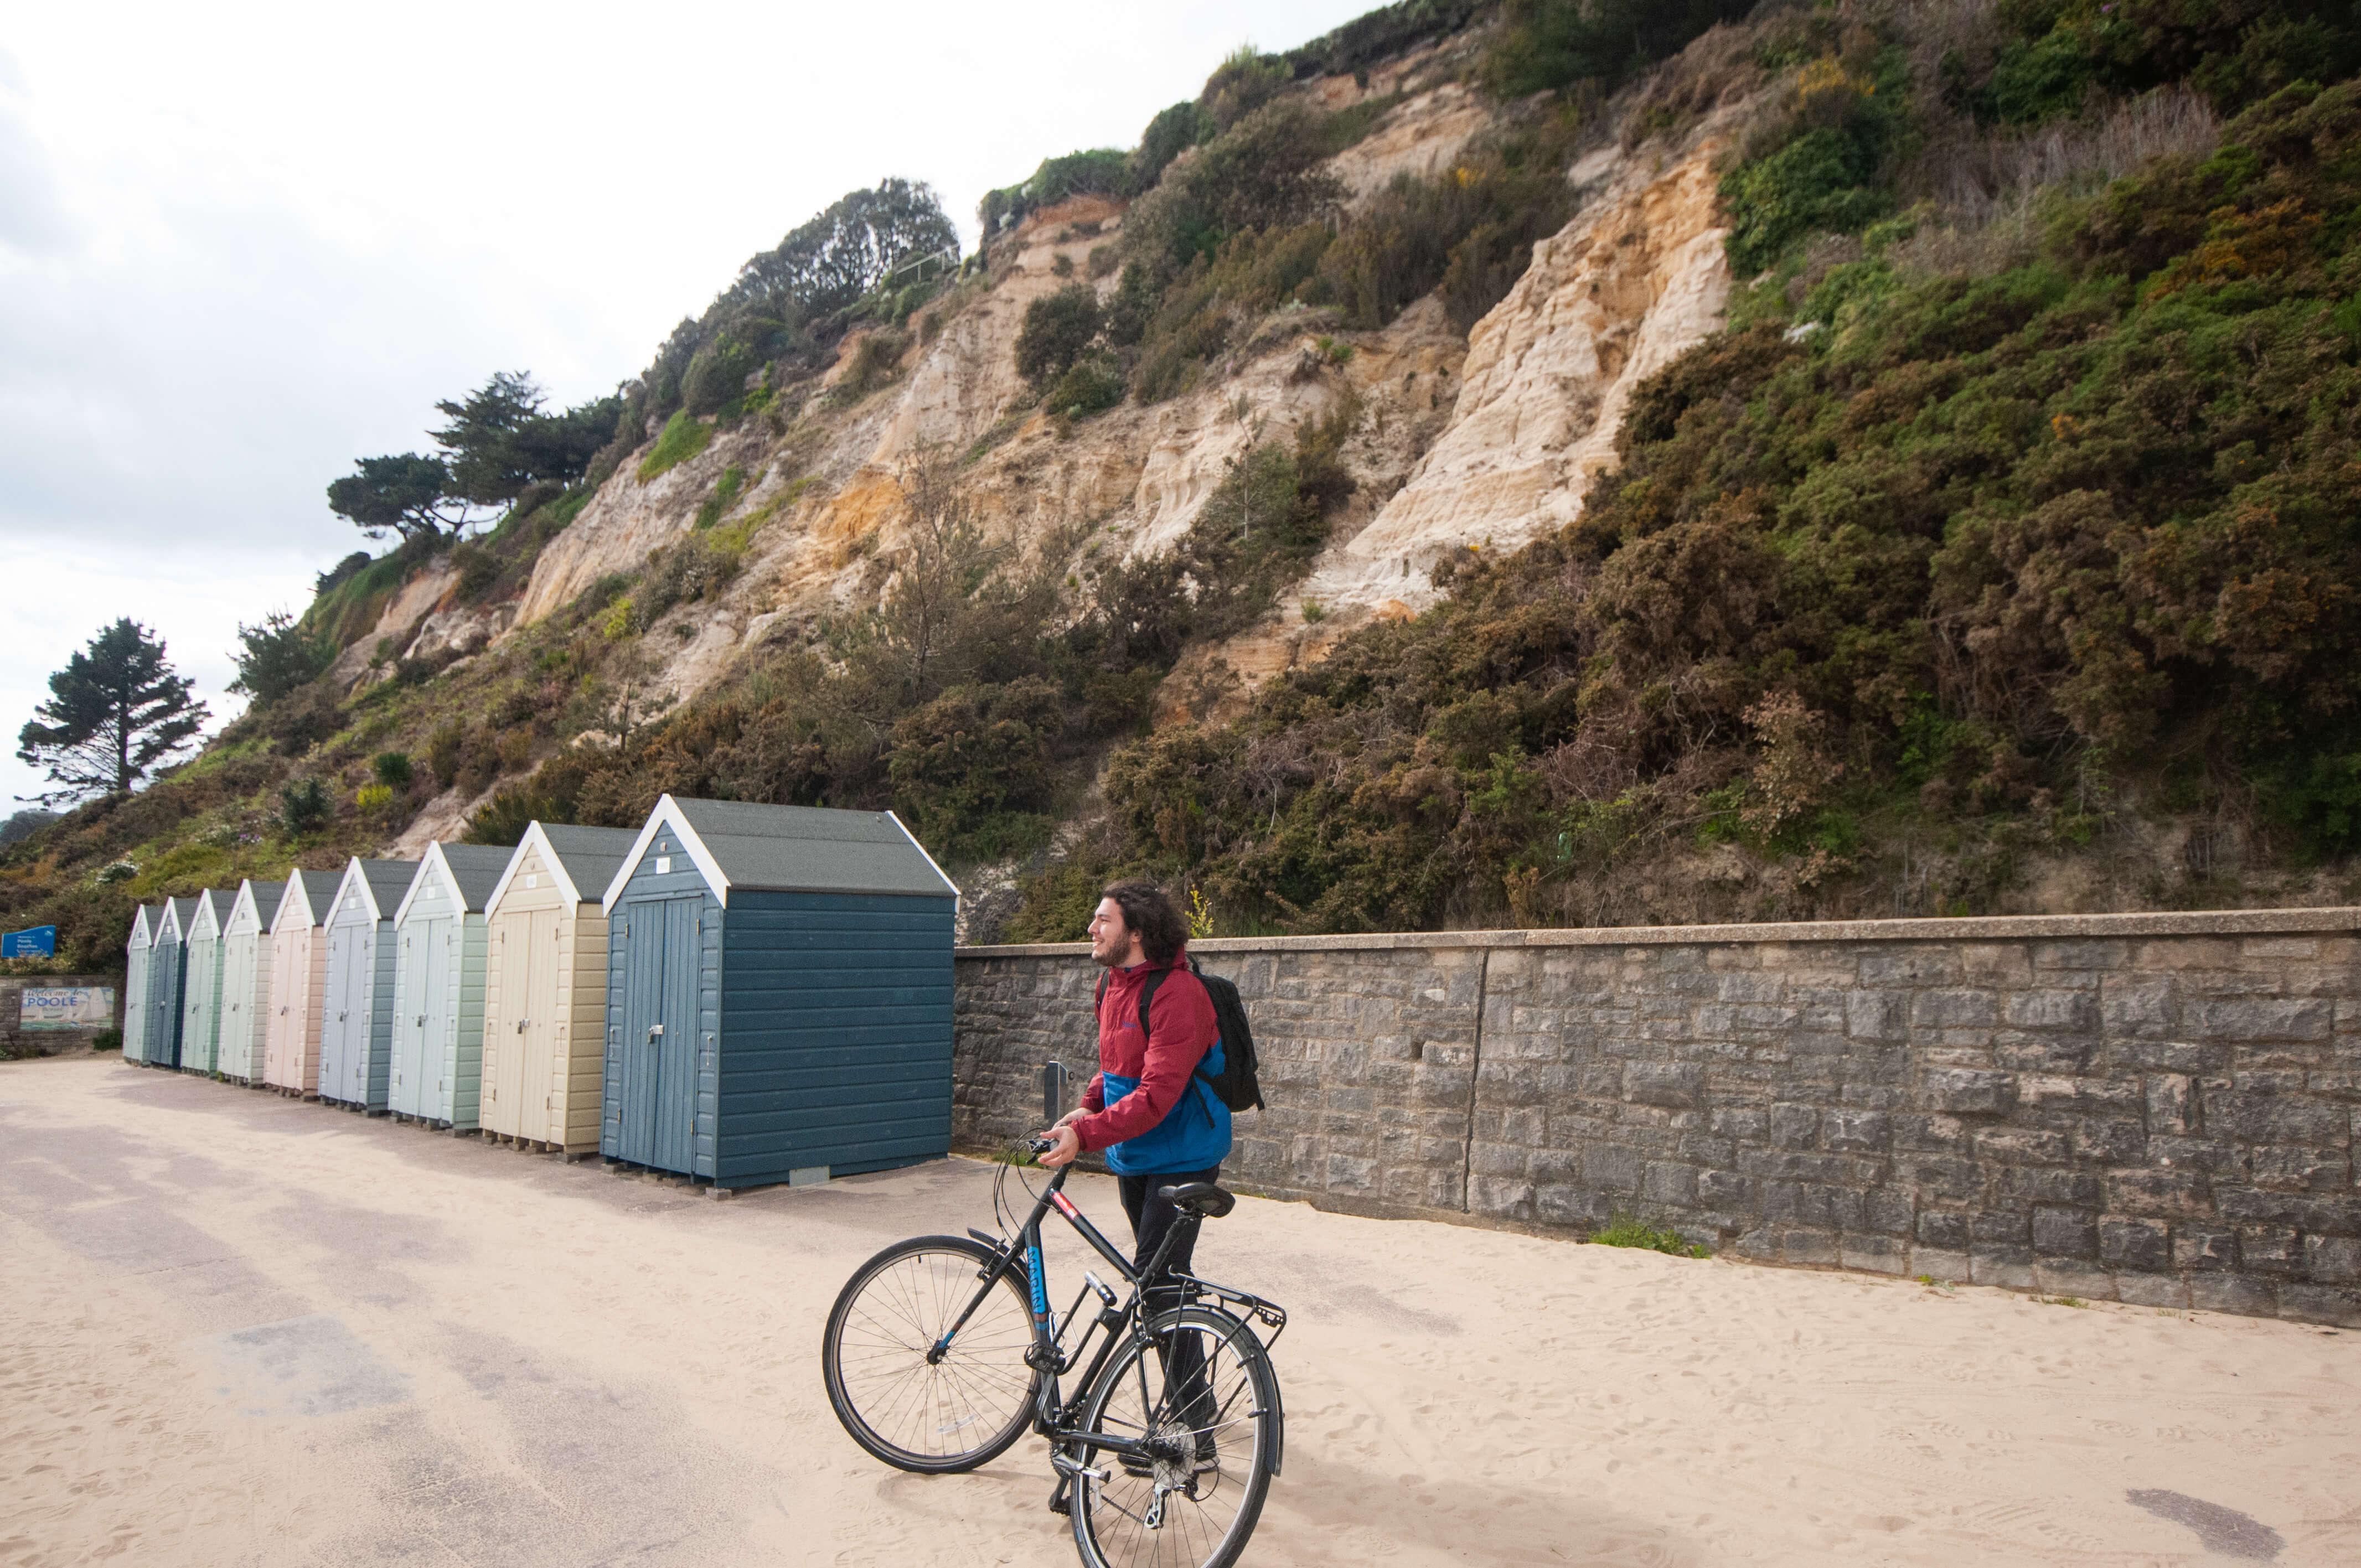 пляж в Британии с пляжными домиками